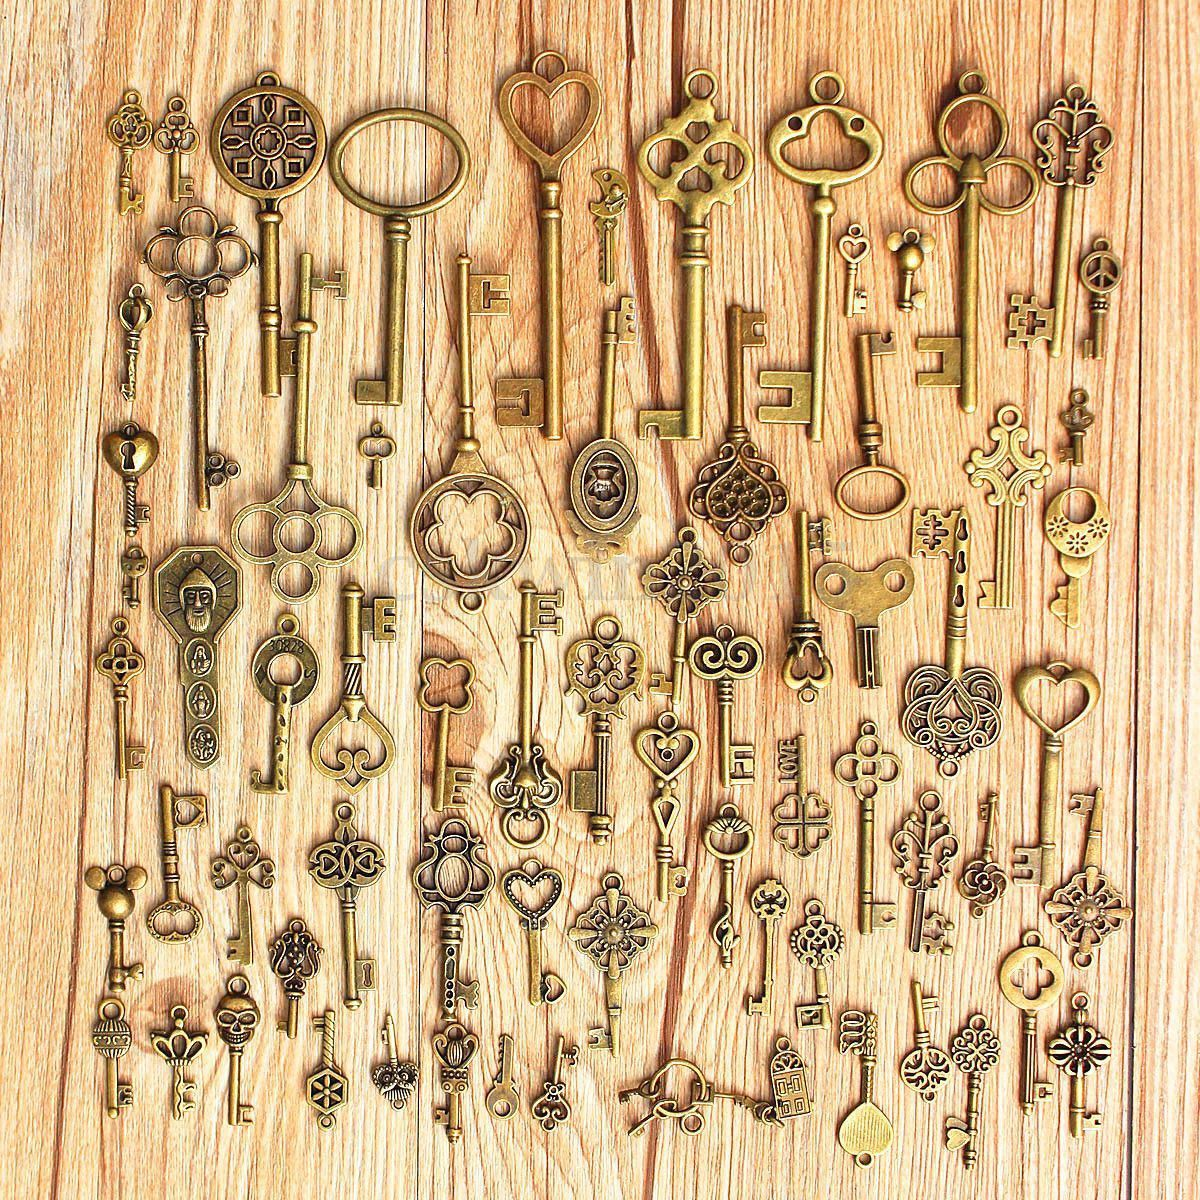 Set Of 70 Antique Vintage Old Look Bronze Skeleton Keys Fancy Heart Bow Pendant 70pcs